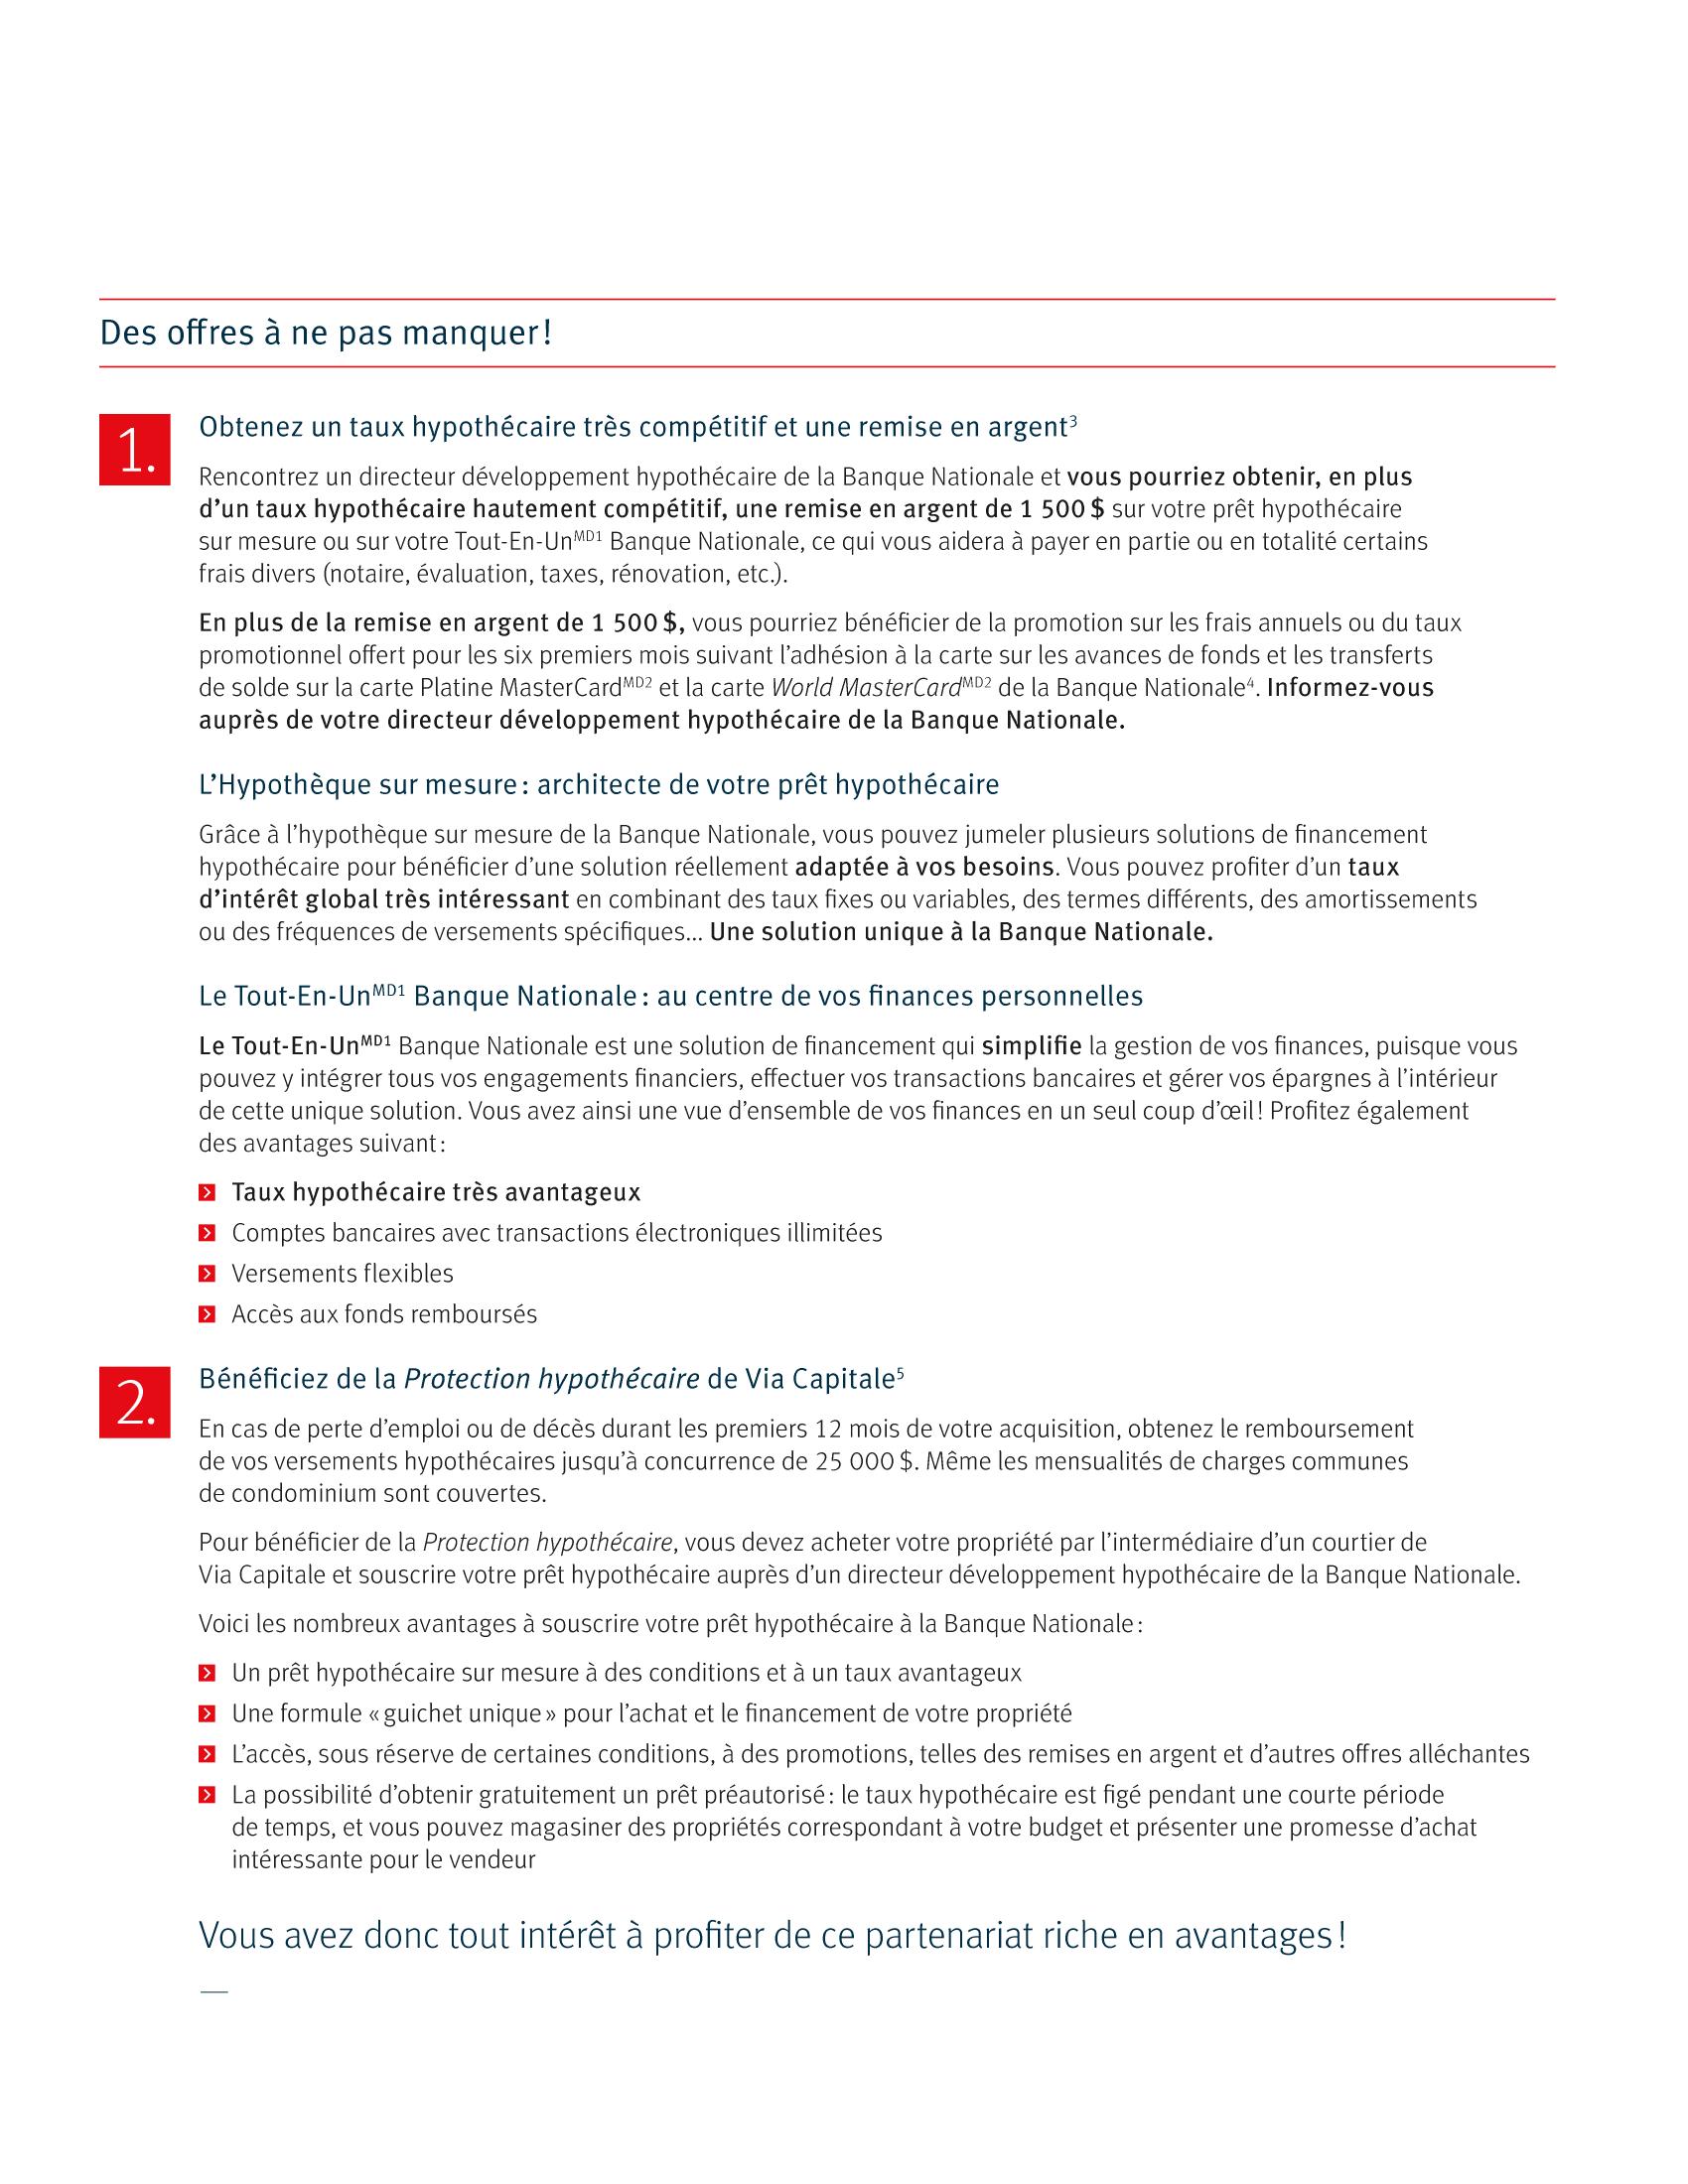 3 | Dépliant « Un partenariat riche en avantages » - Via Capitale